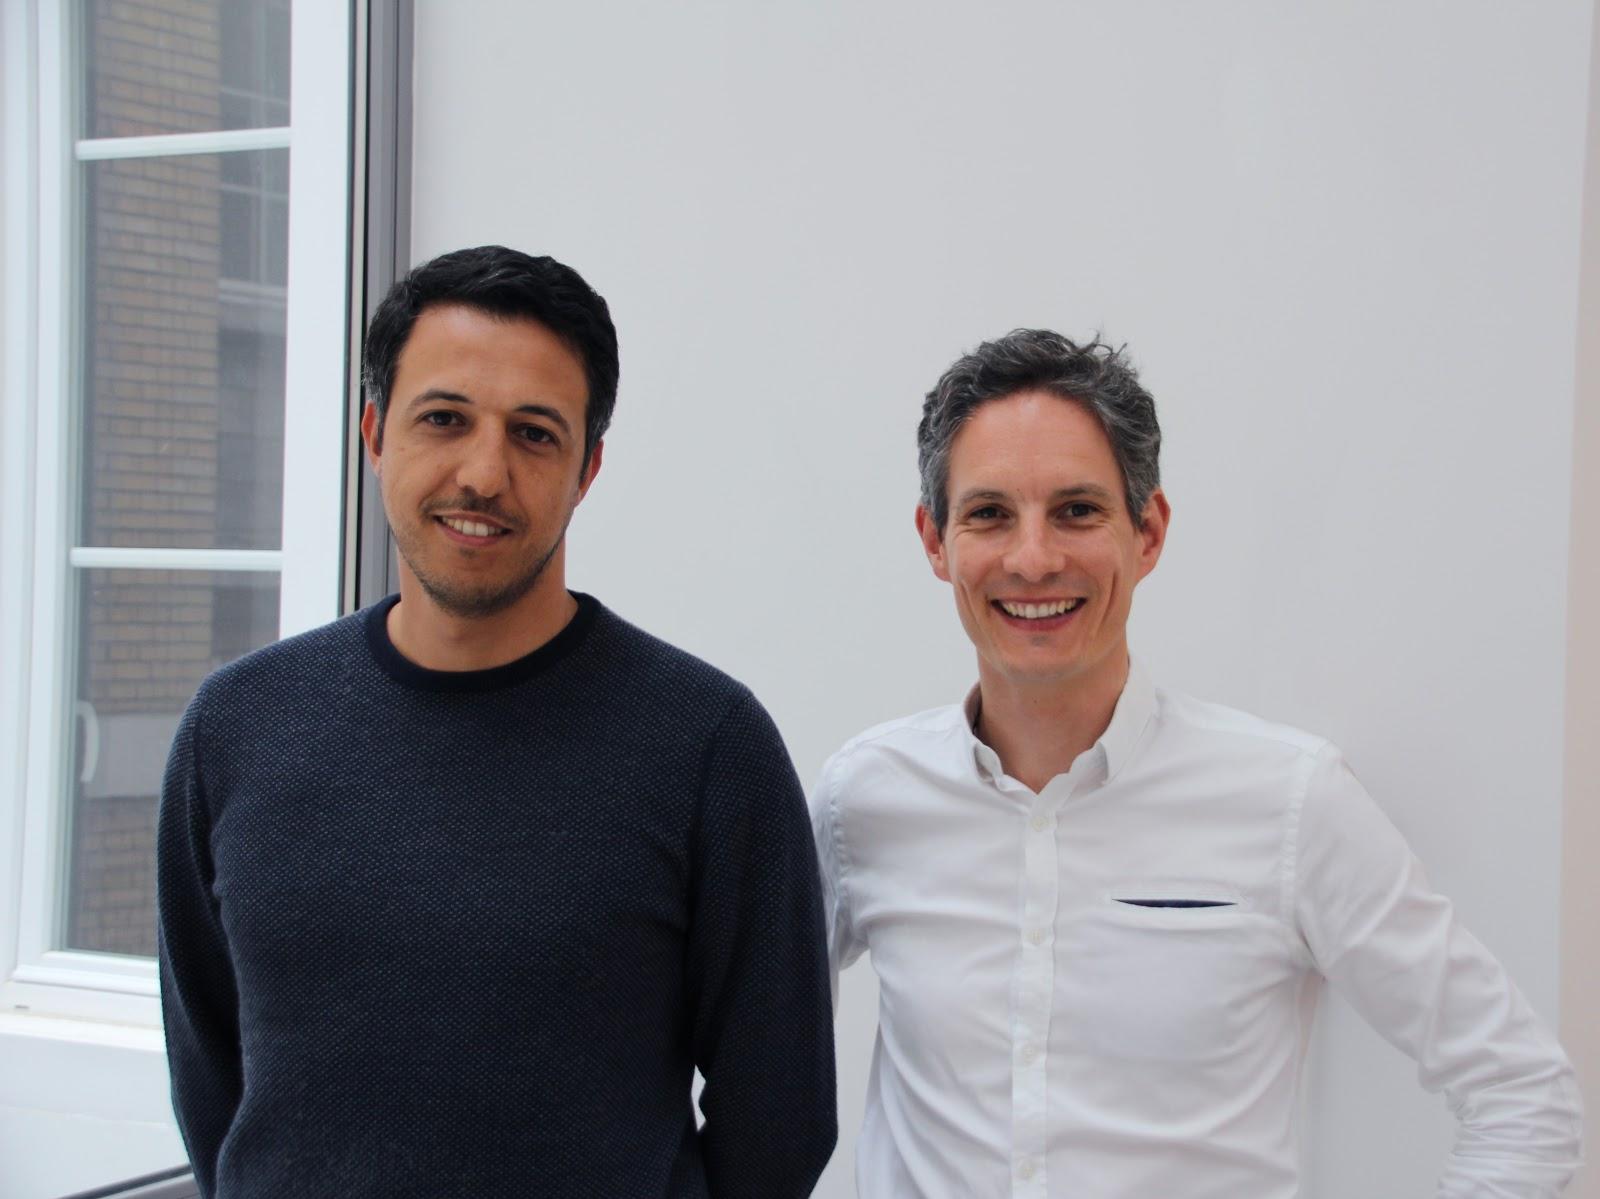 Mohamed Tazi et Sébastien Béquart, fondateurs de Gymlib